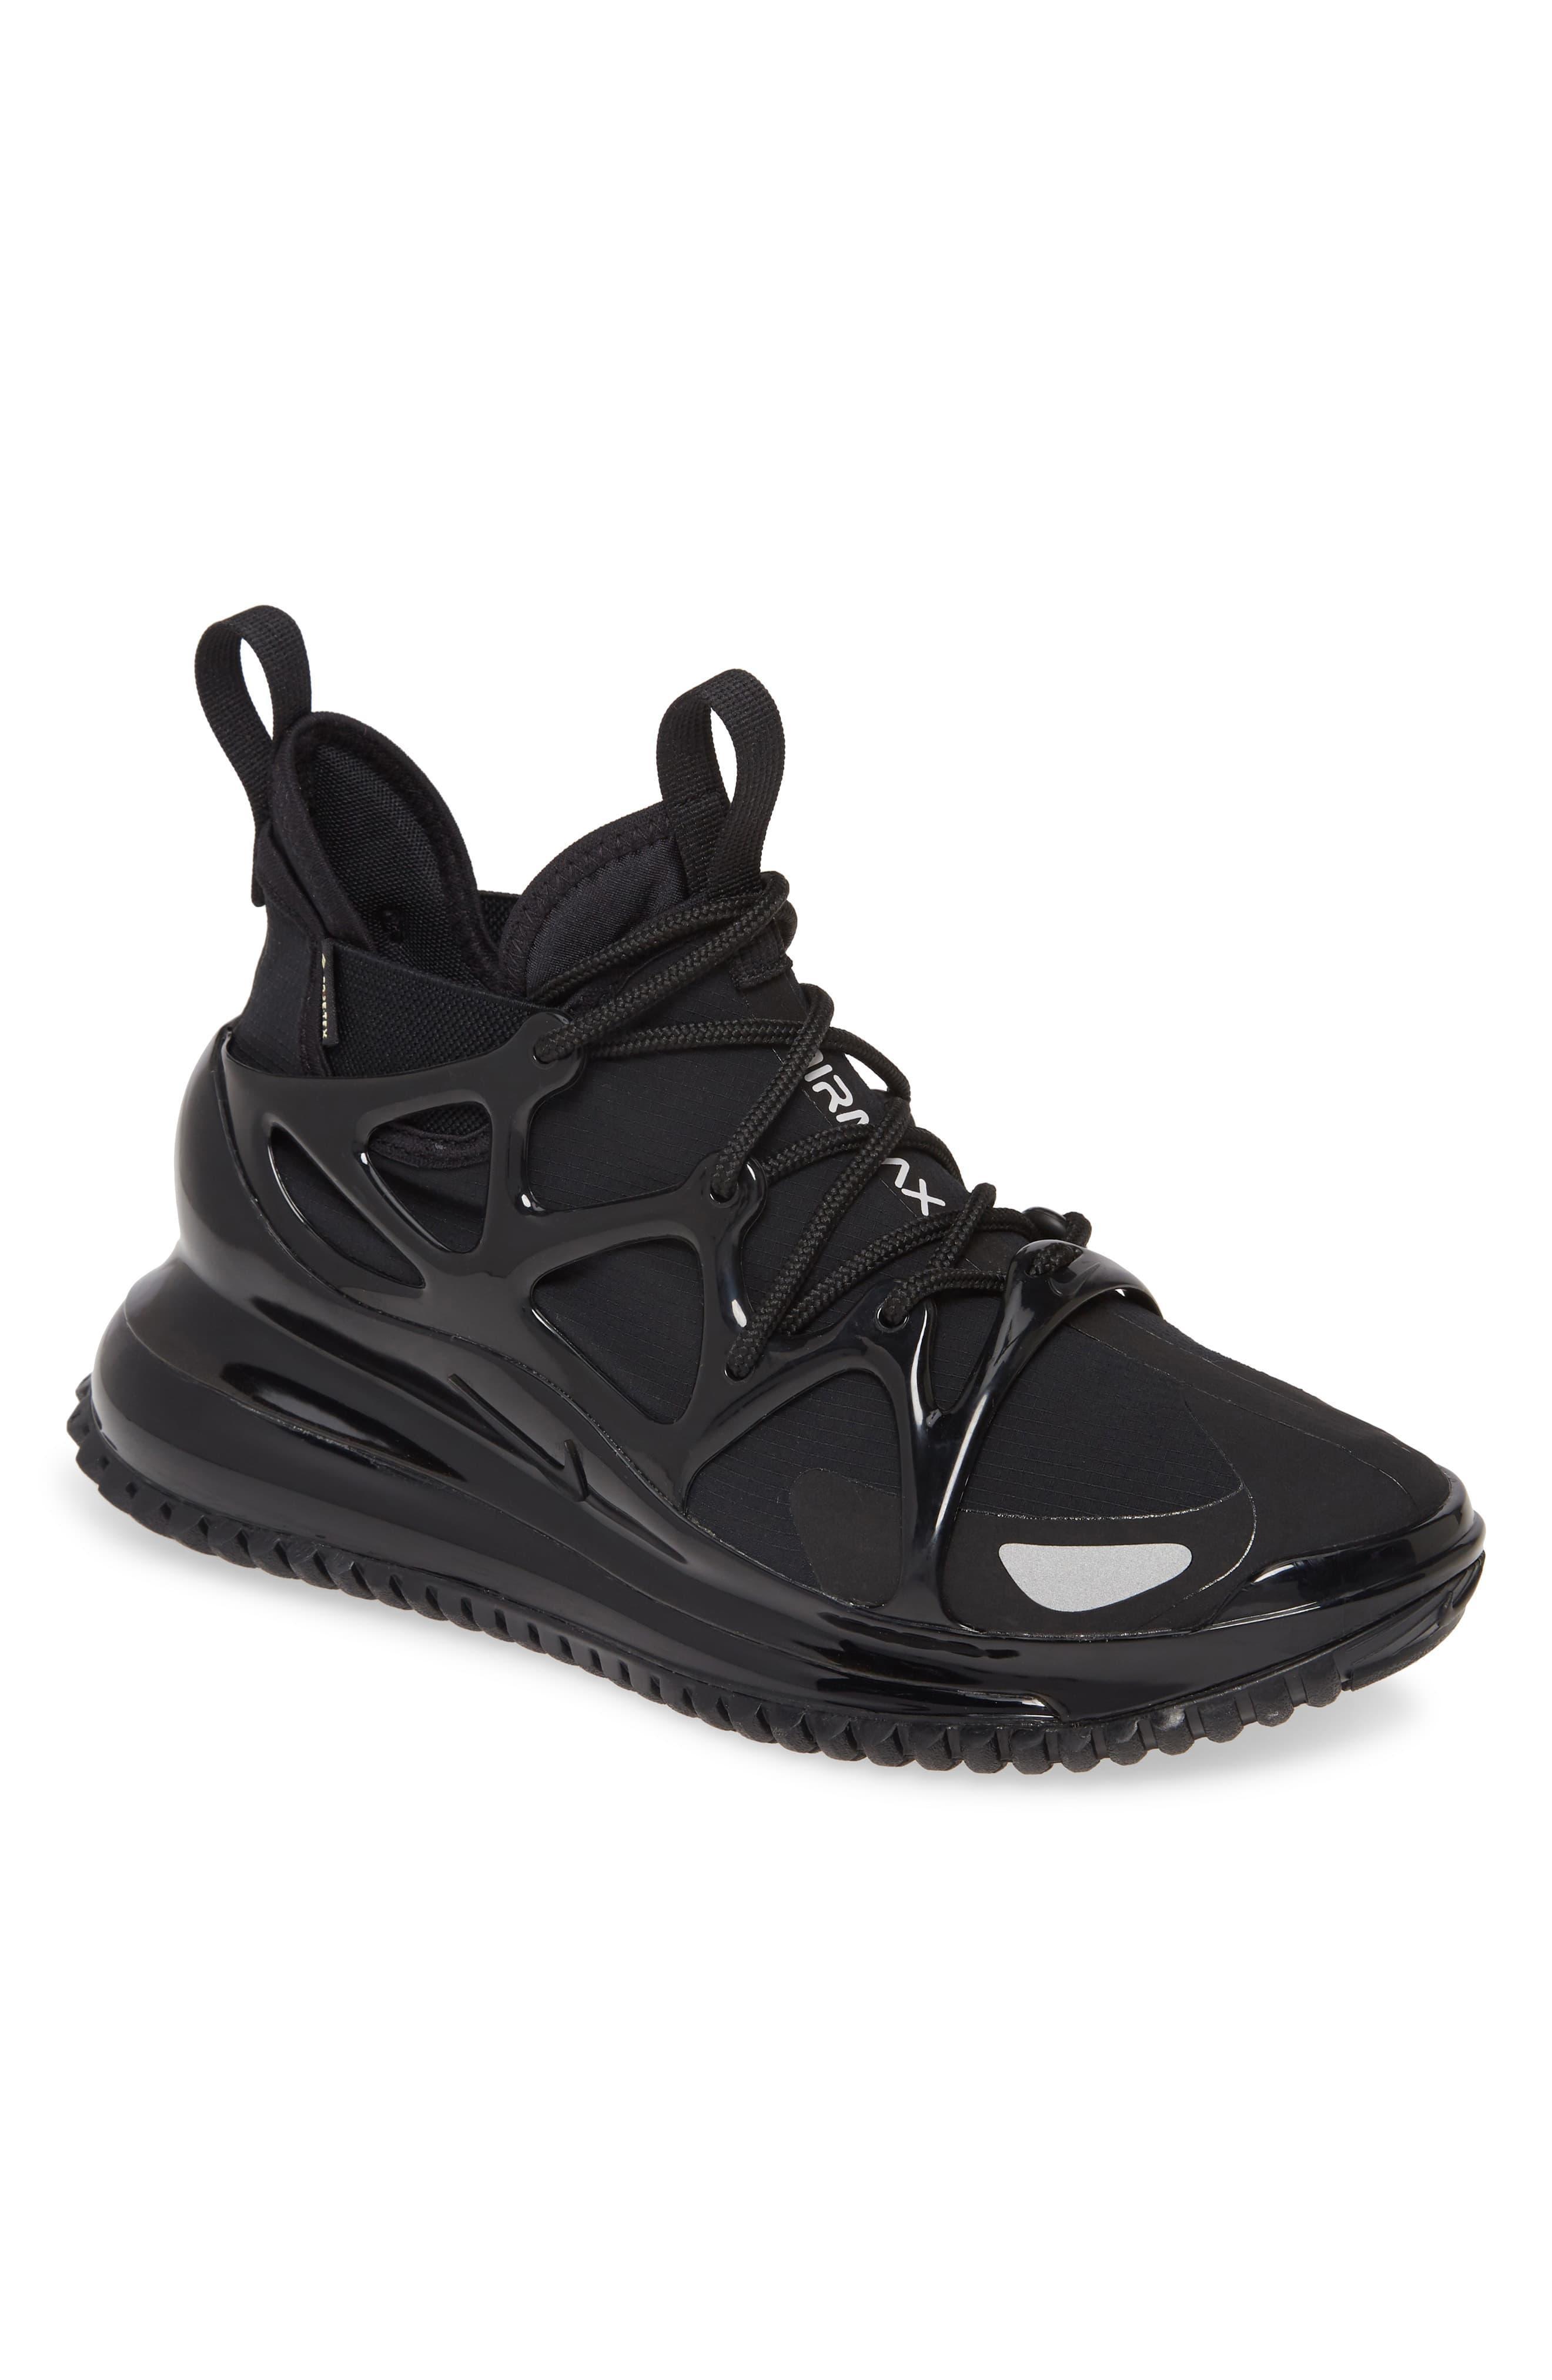 air max 720 on feet black